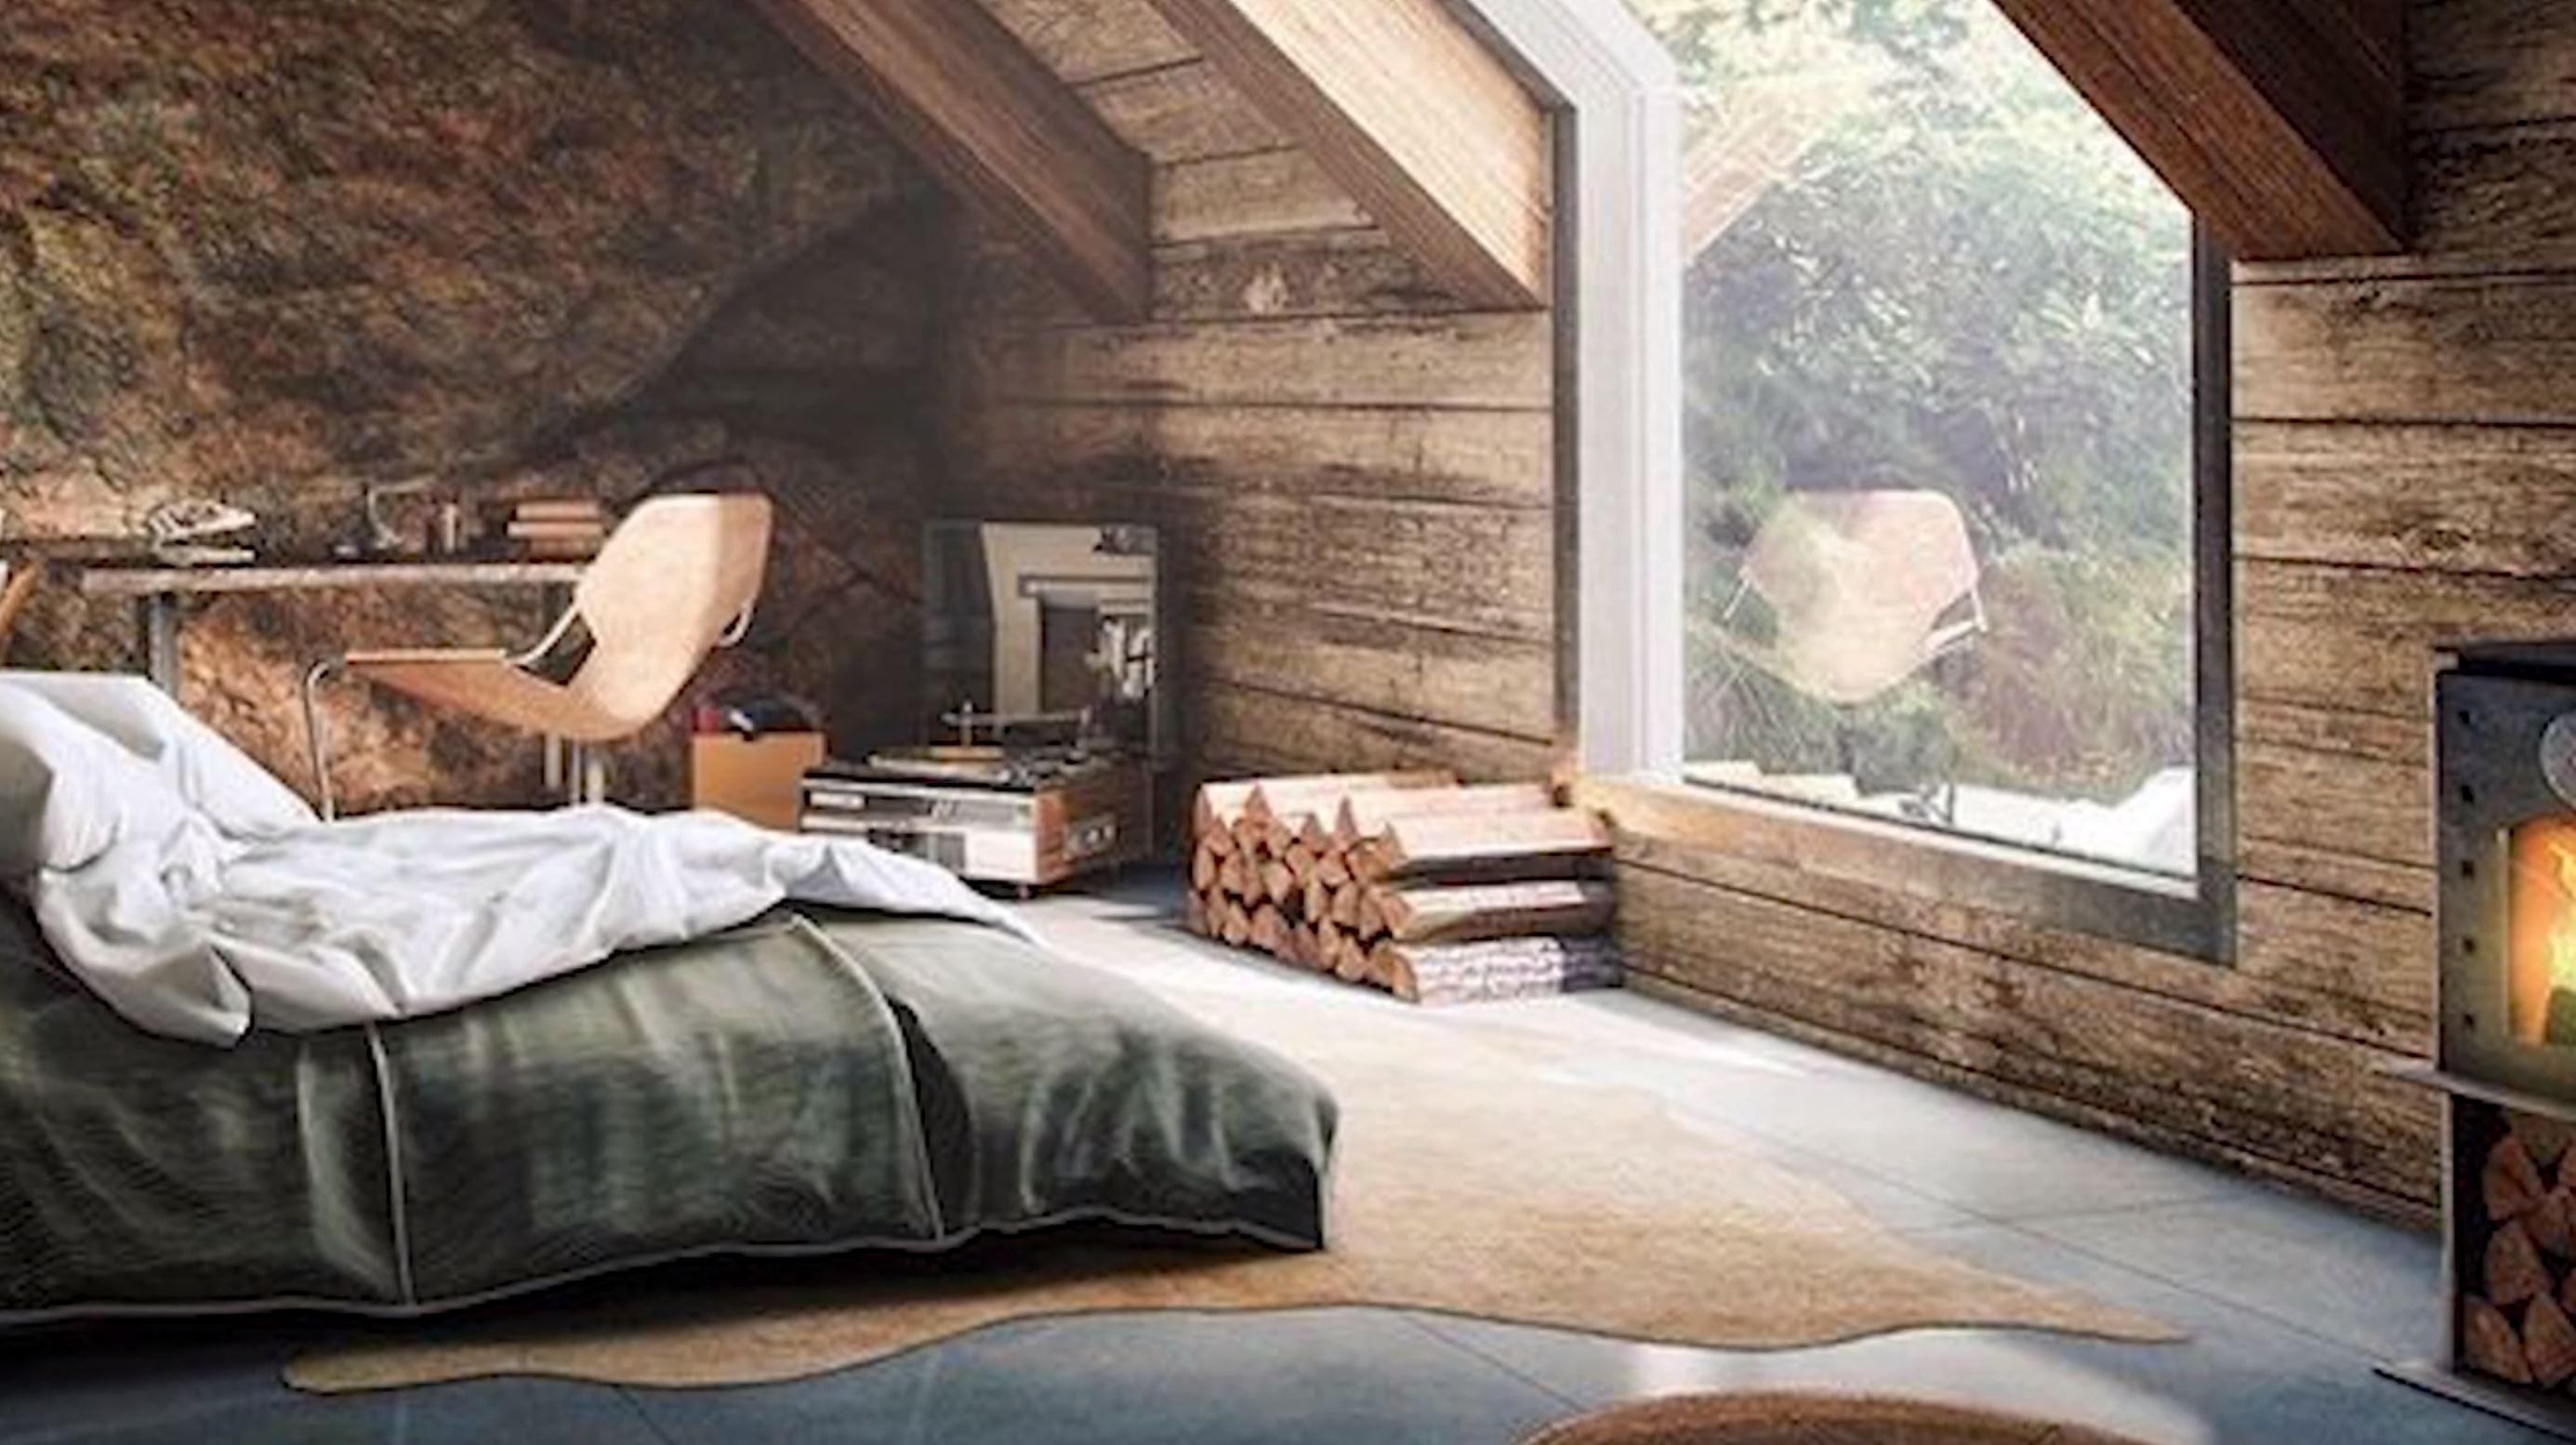 original image for interior Sketchup cozy attic bedroom model